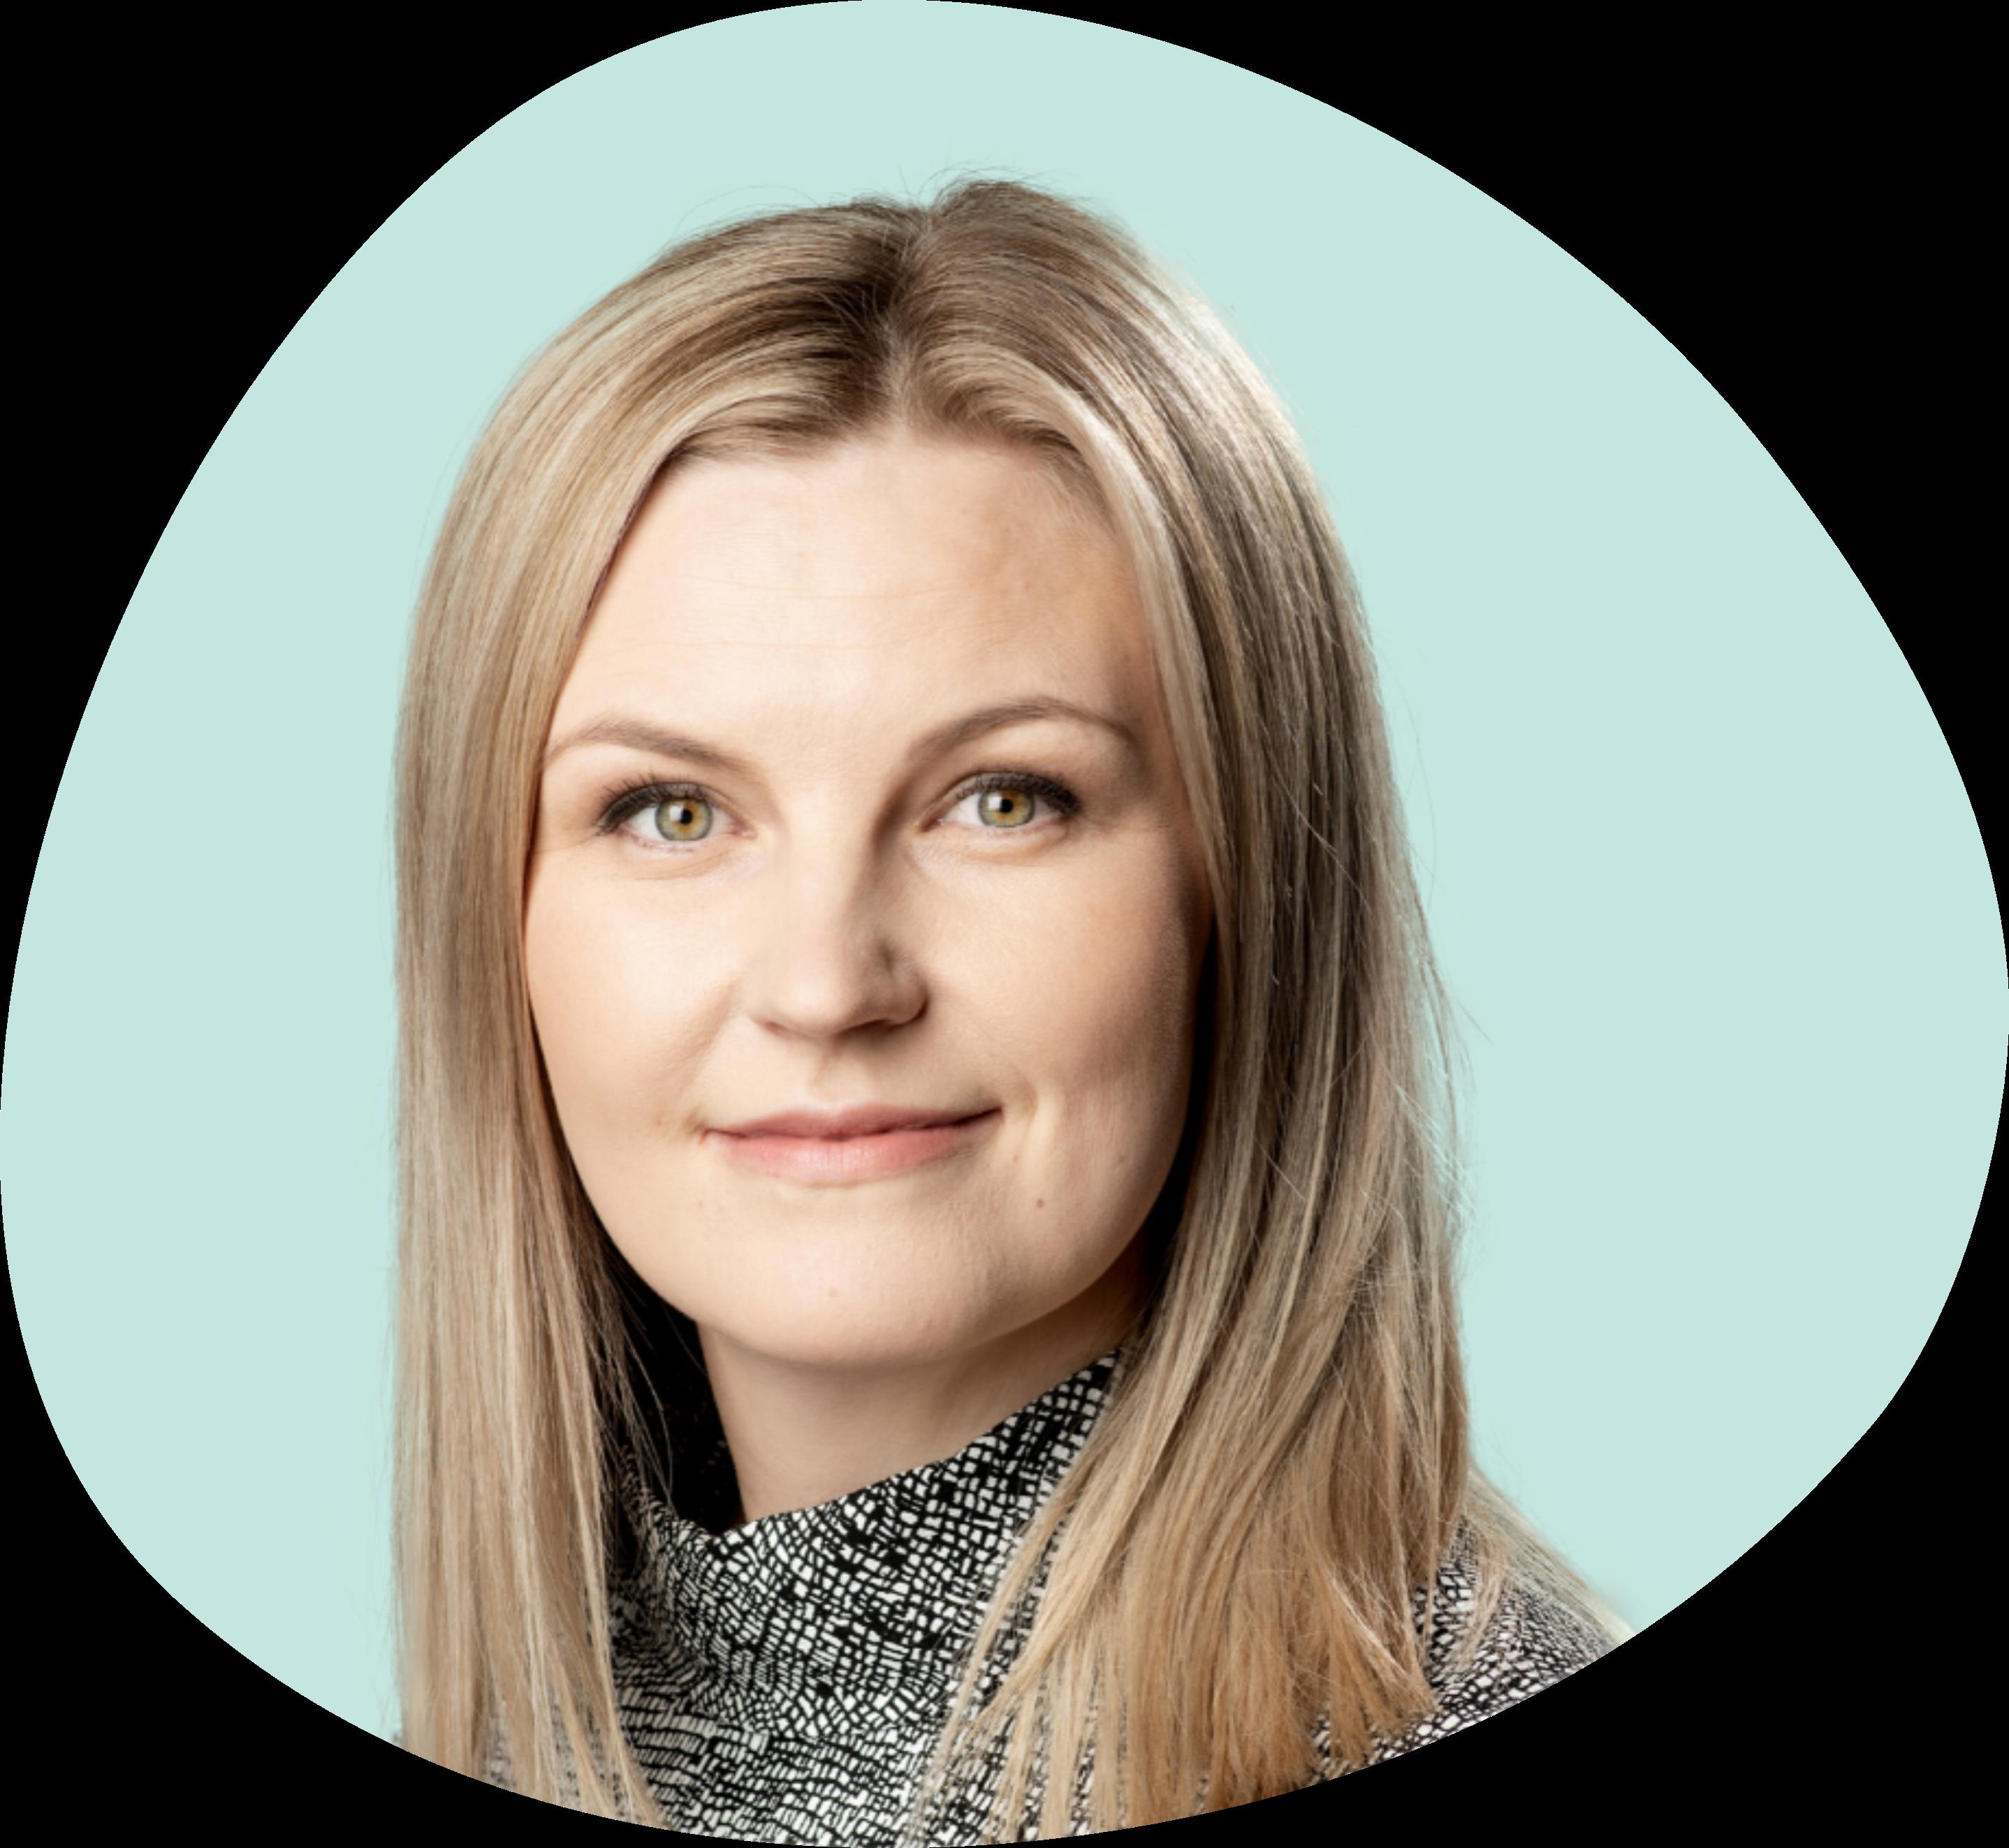 Sofia Forsberg on toinen yrityksen perustajista, jolla on vuosien niin kokemus liiketoimminnan, asiakaskokemuksen ja osaamisen kehittämisestä kuin myös erilaisista muutosvalmentajan tehtävistäkin.